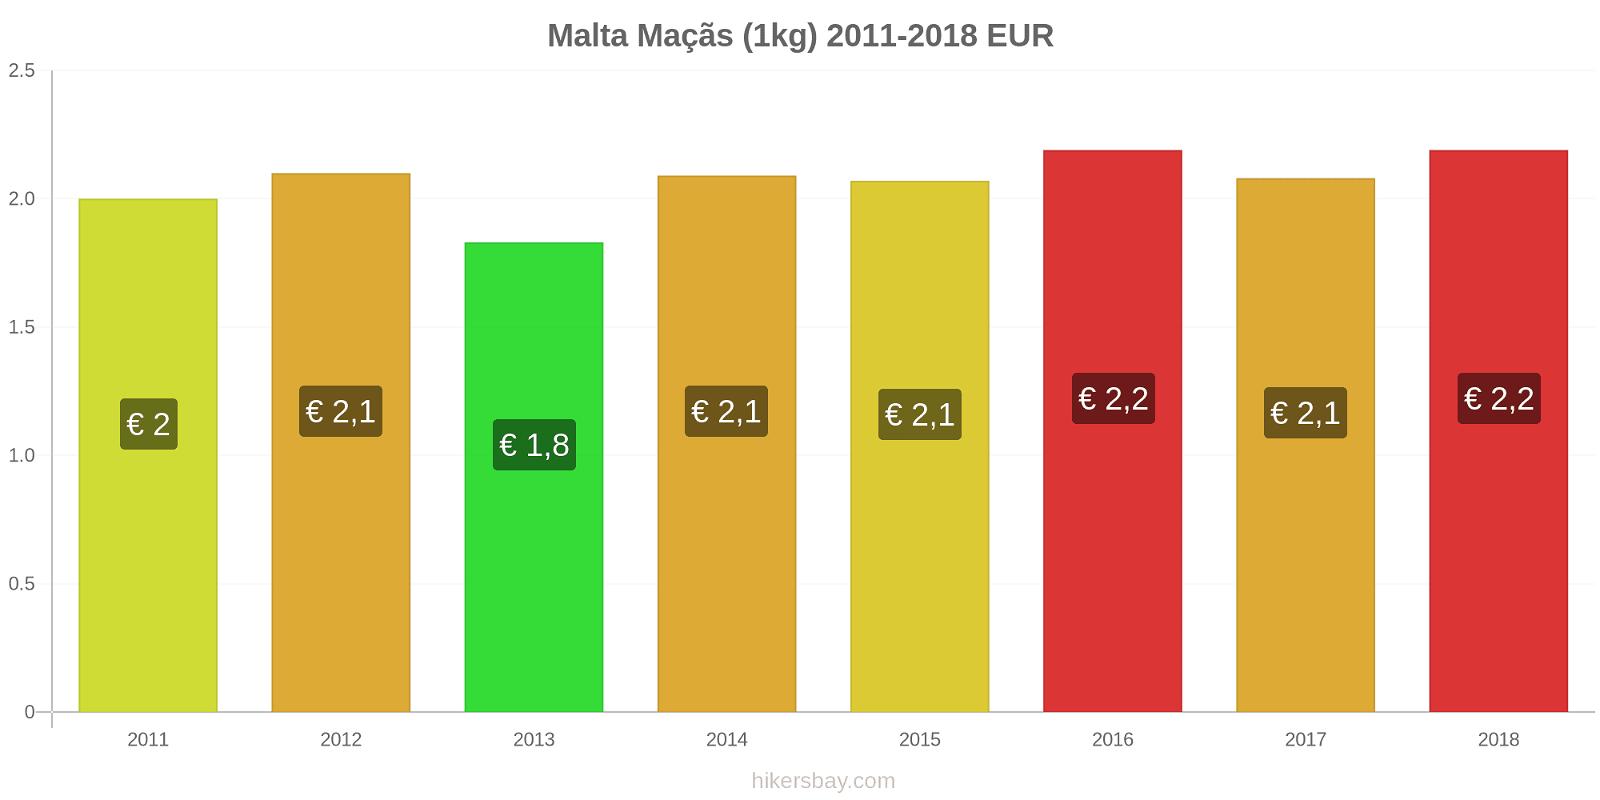 Malta variação de preço Maçãs (1kg) hikersbay.com